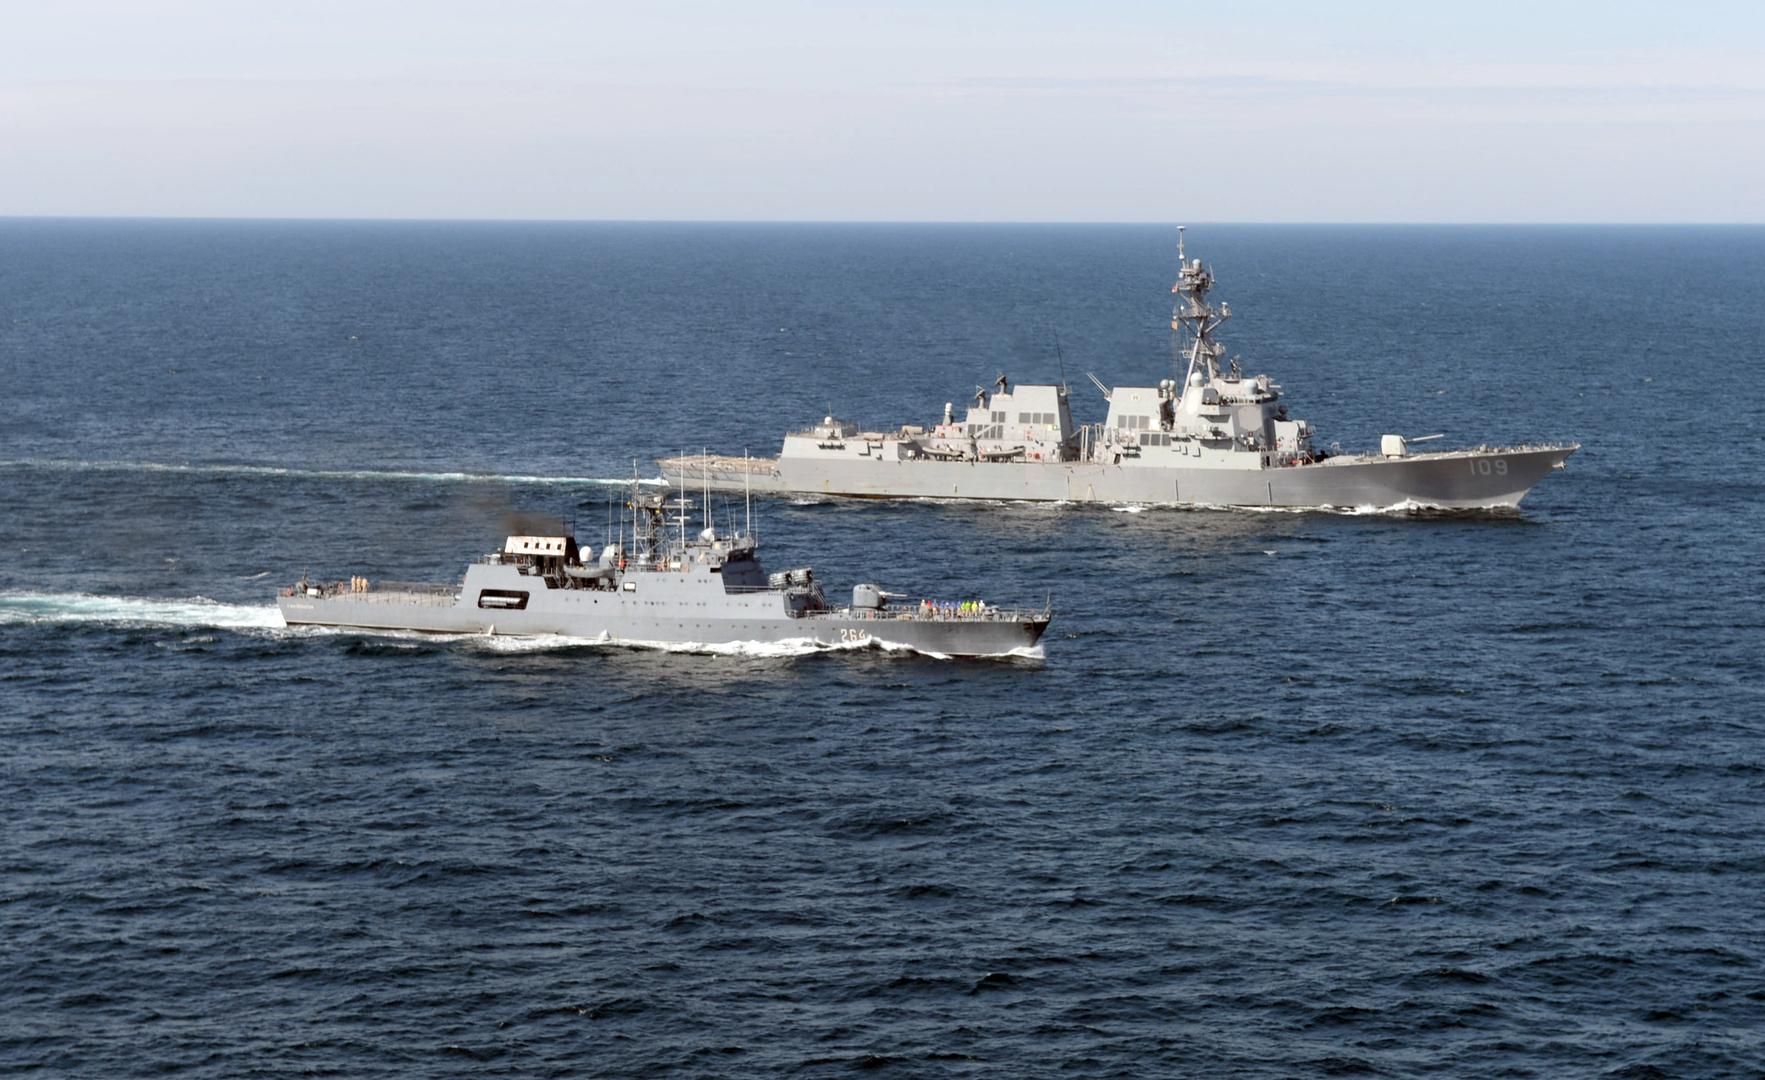 ستولتنبيرغ: الناتو وجه رسالة واضحة إلى روسيا في البحر الأسود